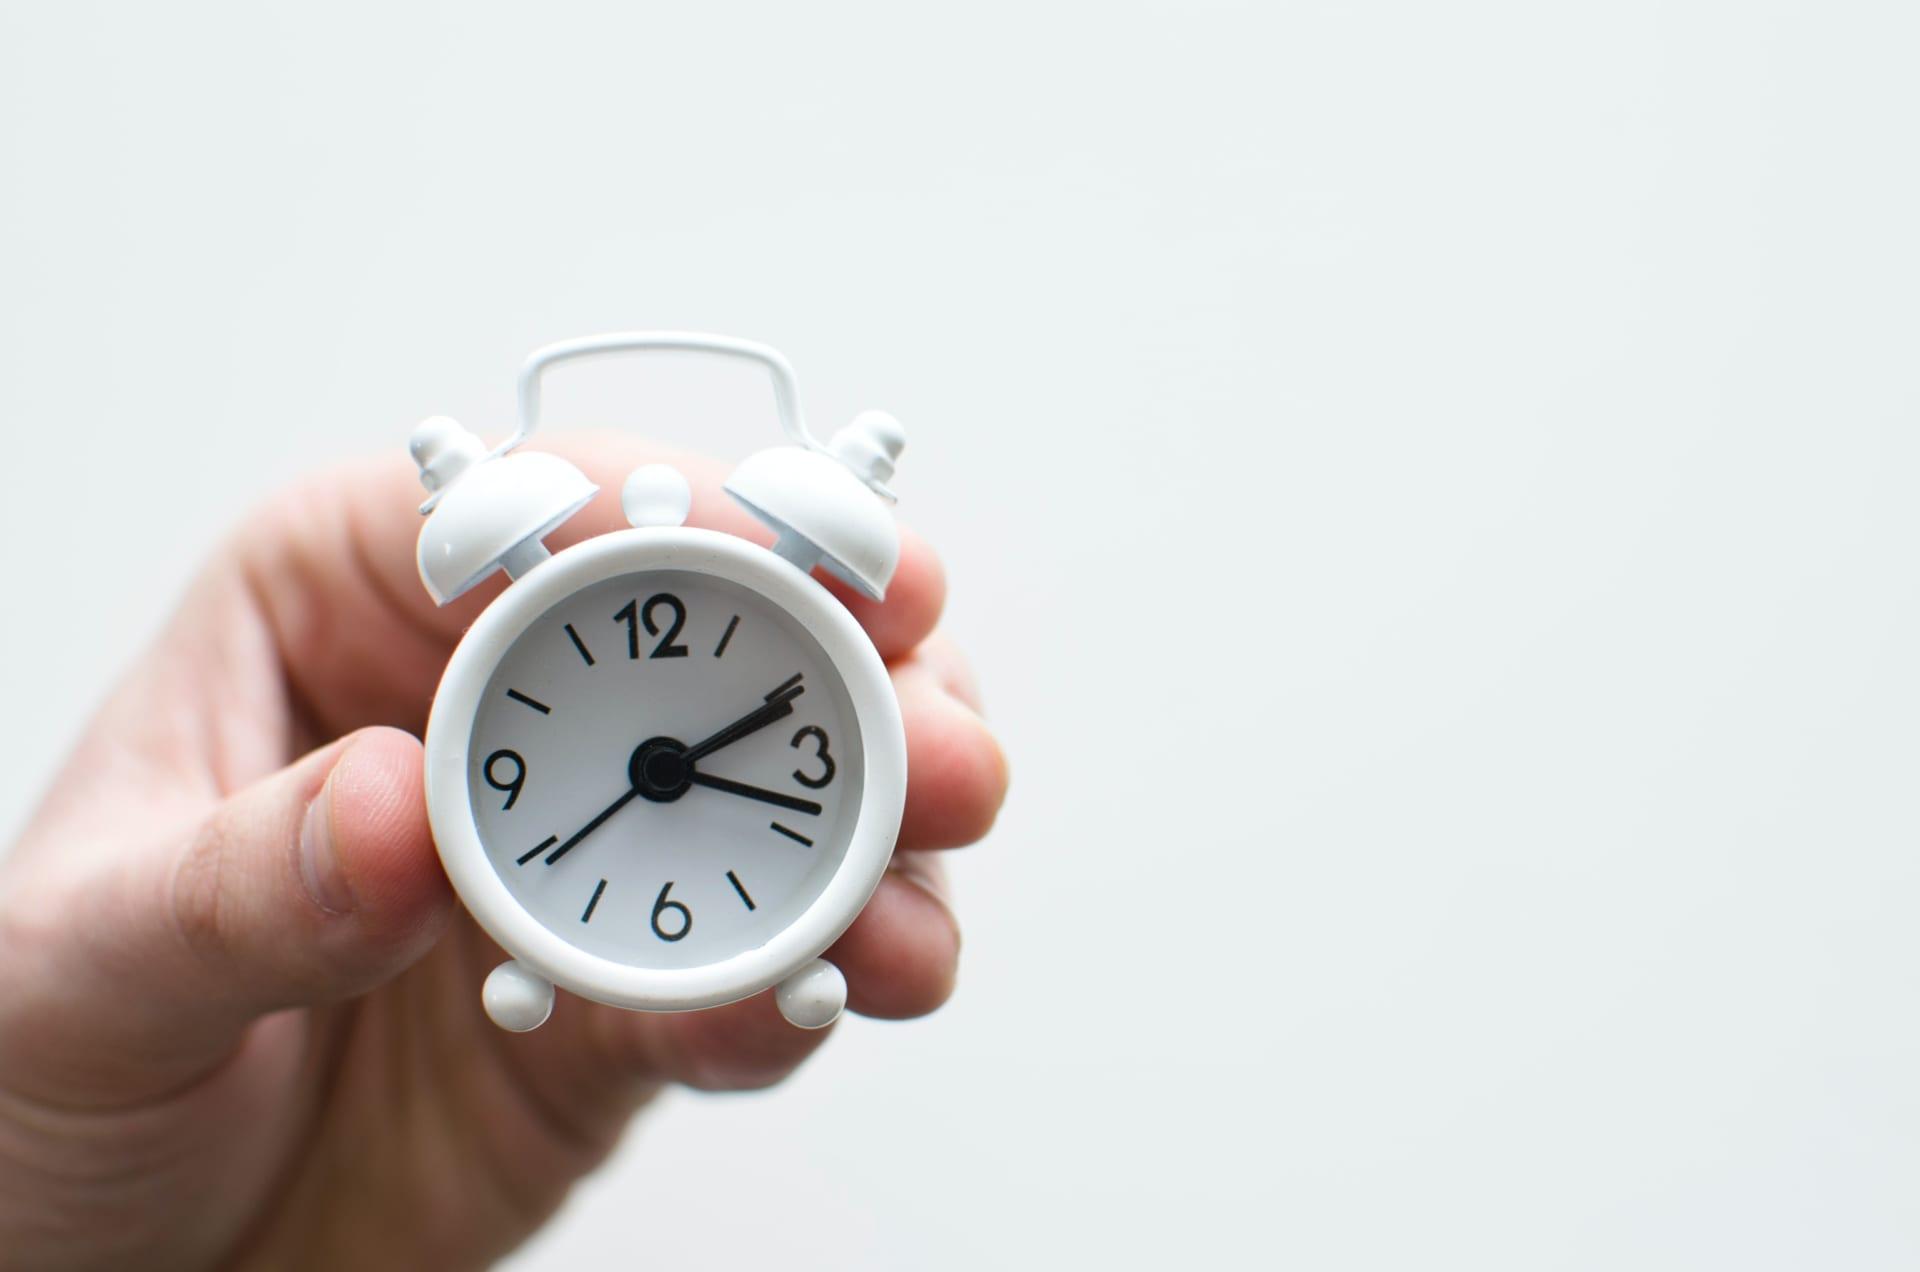 訪問営業・テレアポに最適な時間帯とは?時間の見極めが成功率アップのカギ|Senses Lab. | 7